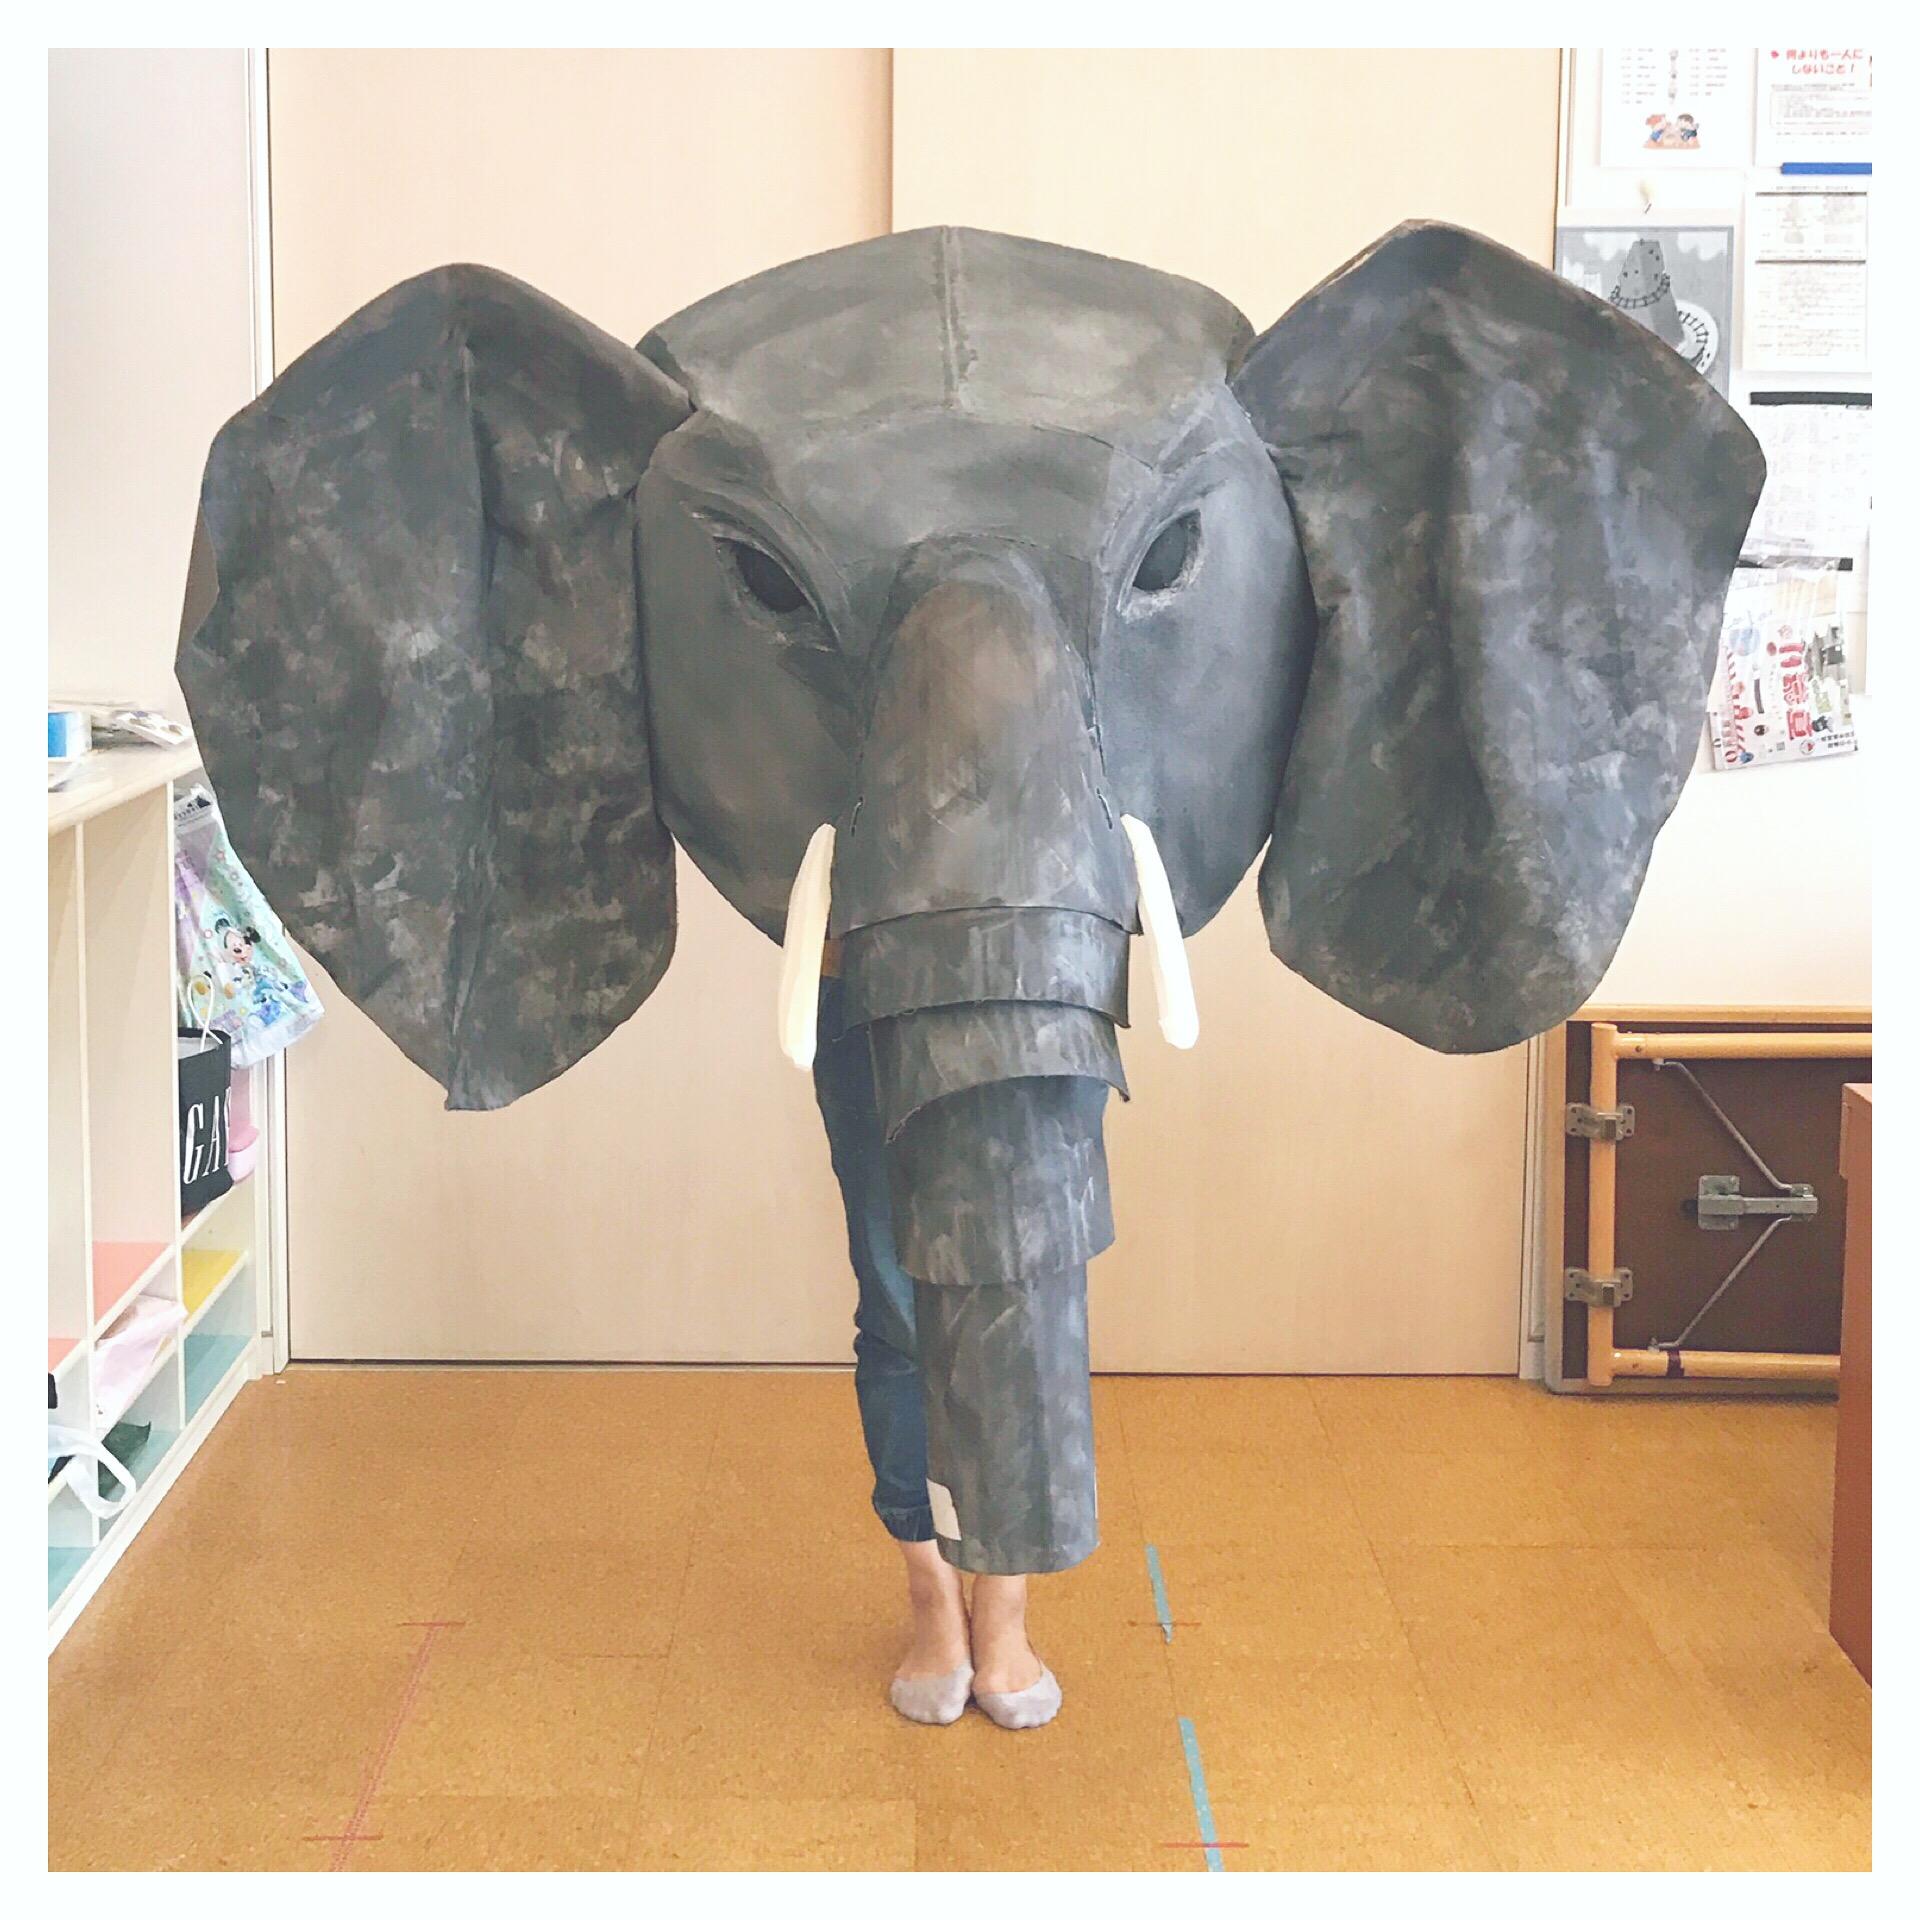 象は舞台に映えるように大きめに作りました!耳は布にしてひらひら。鼻は裏にゴムを仕込んで長〜くしたりできるんですよ。